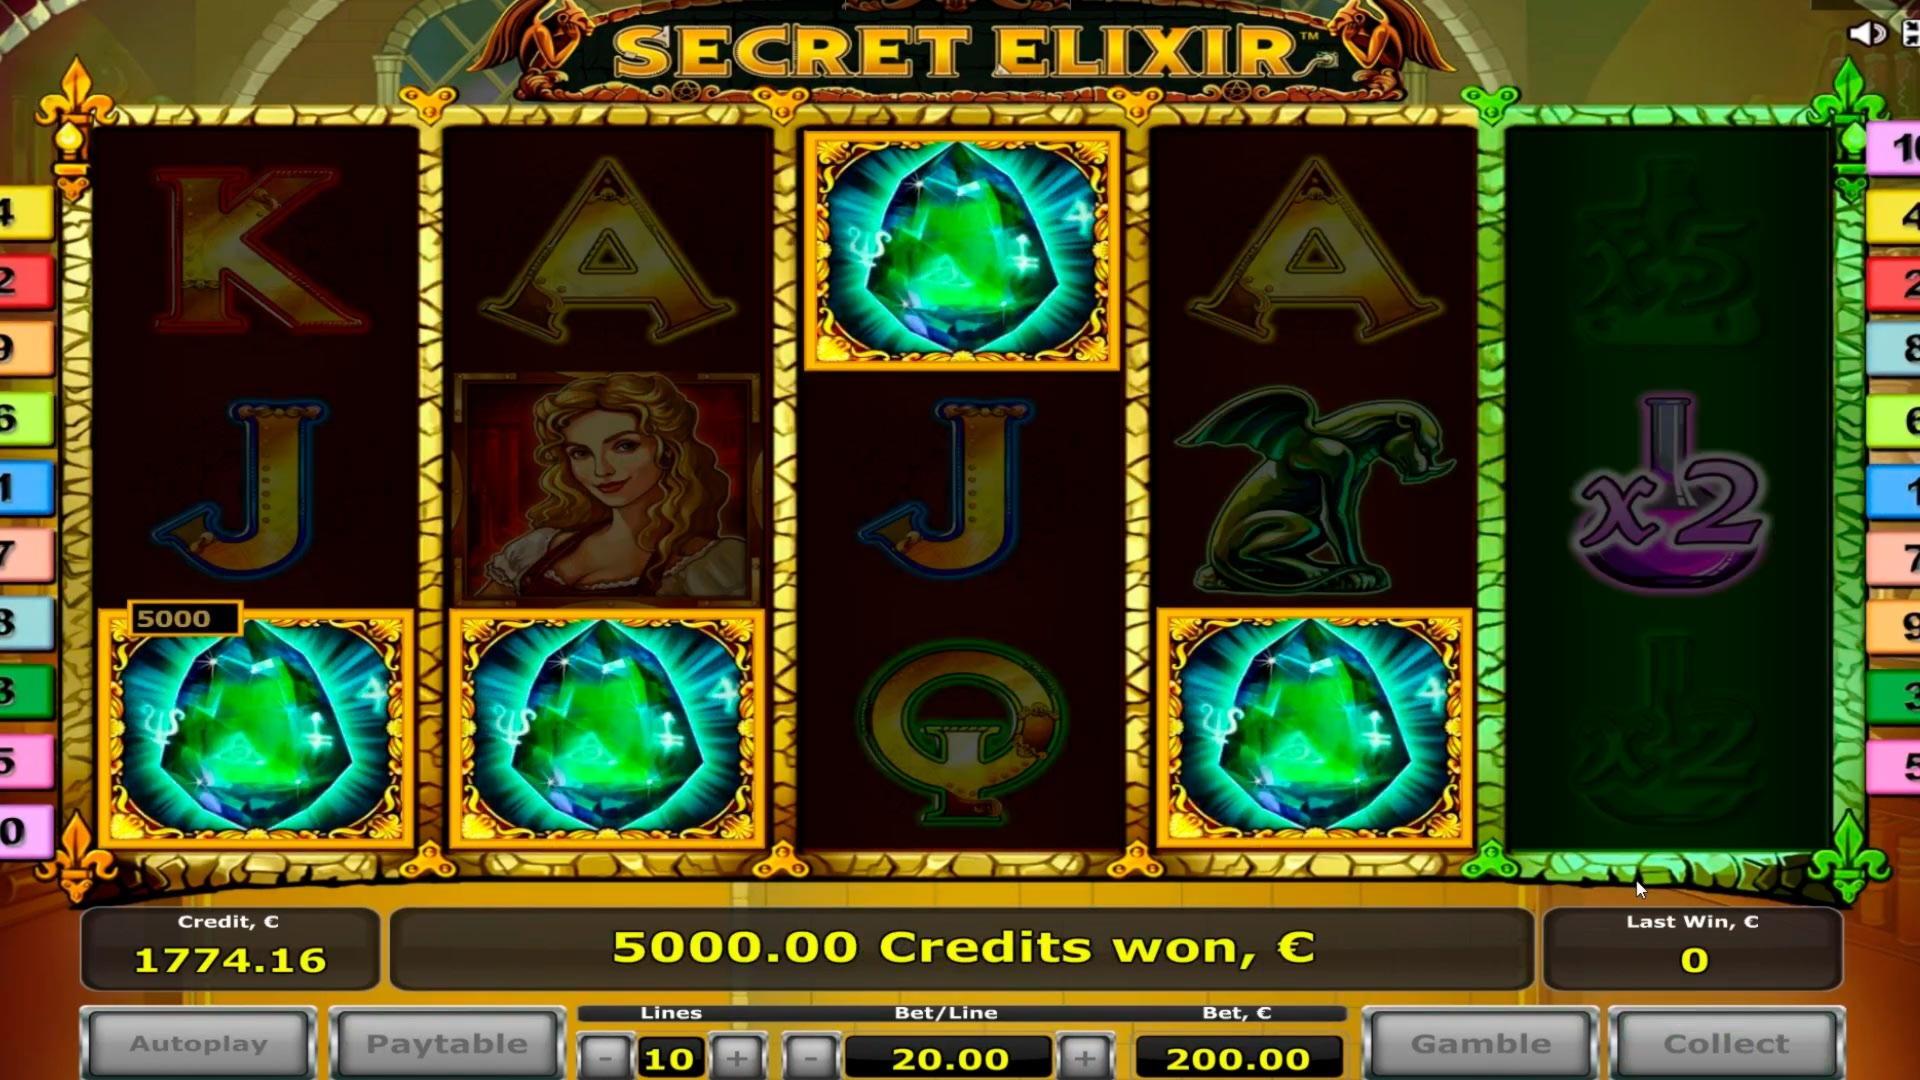 € 195 Online Casino Tournament في كازينو الطرف